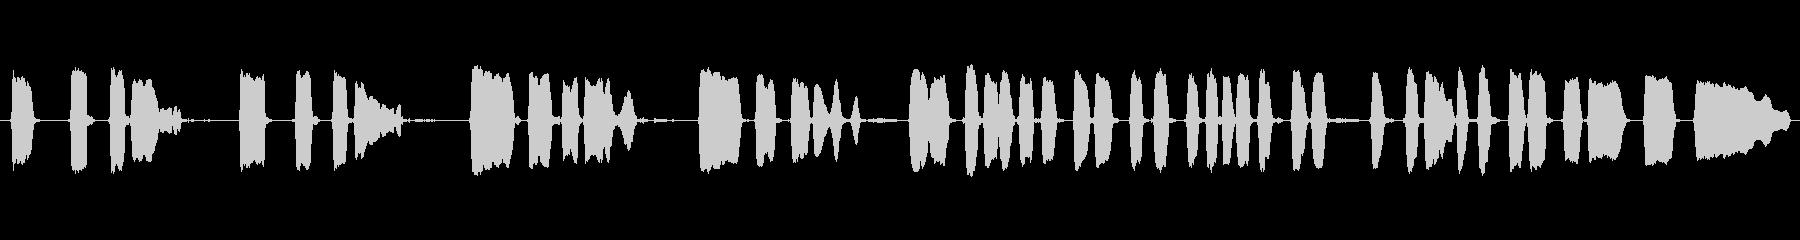 ミュージカルチューン:「スリーブラ...の未再生の波形